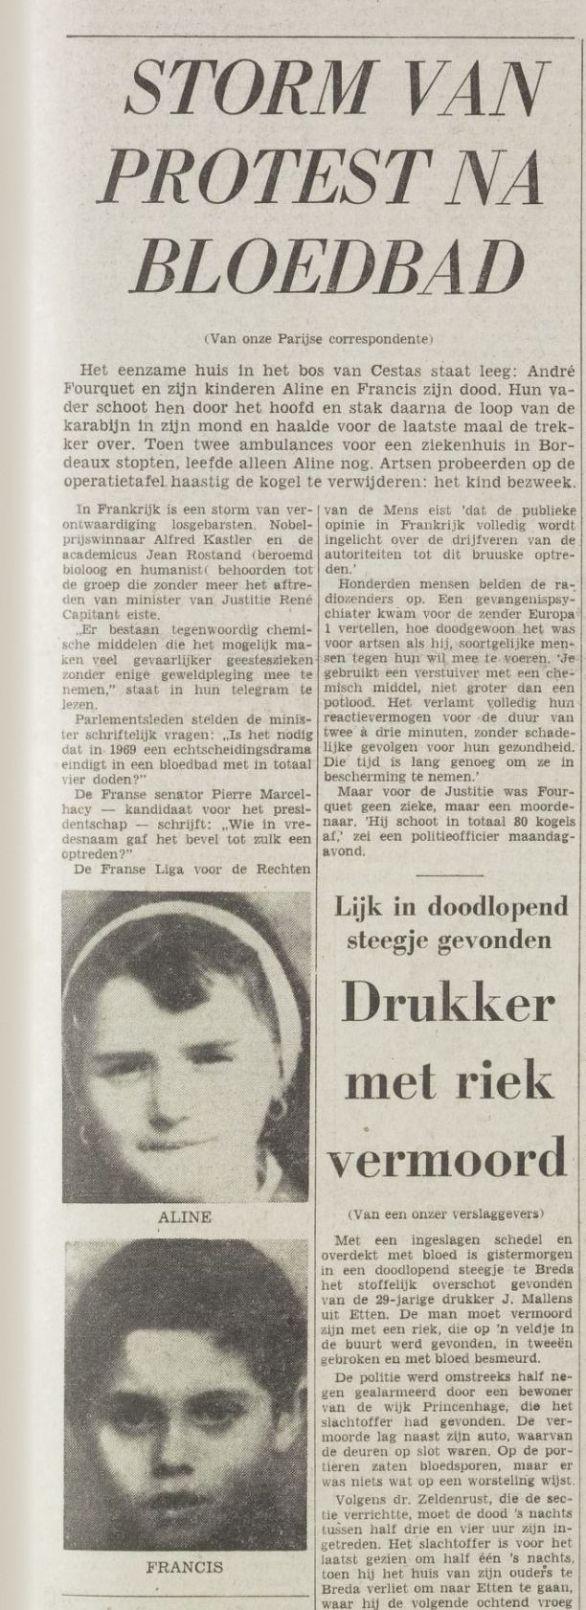 Het Vrije Volk, nº 7177, 18/02/1969, p. 1